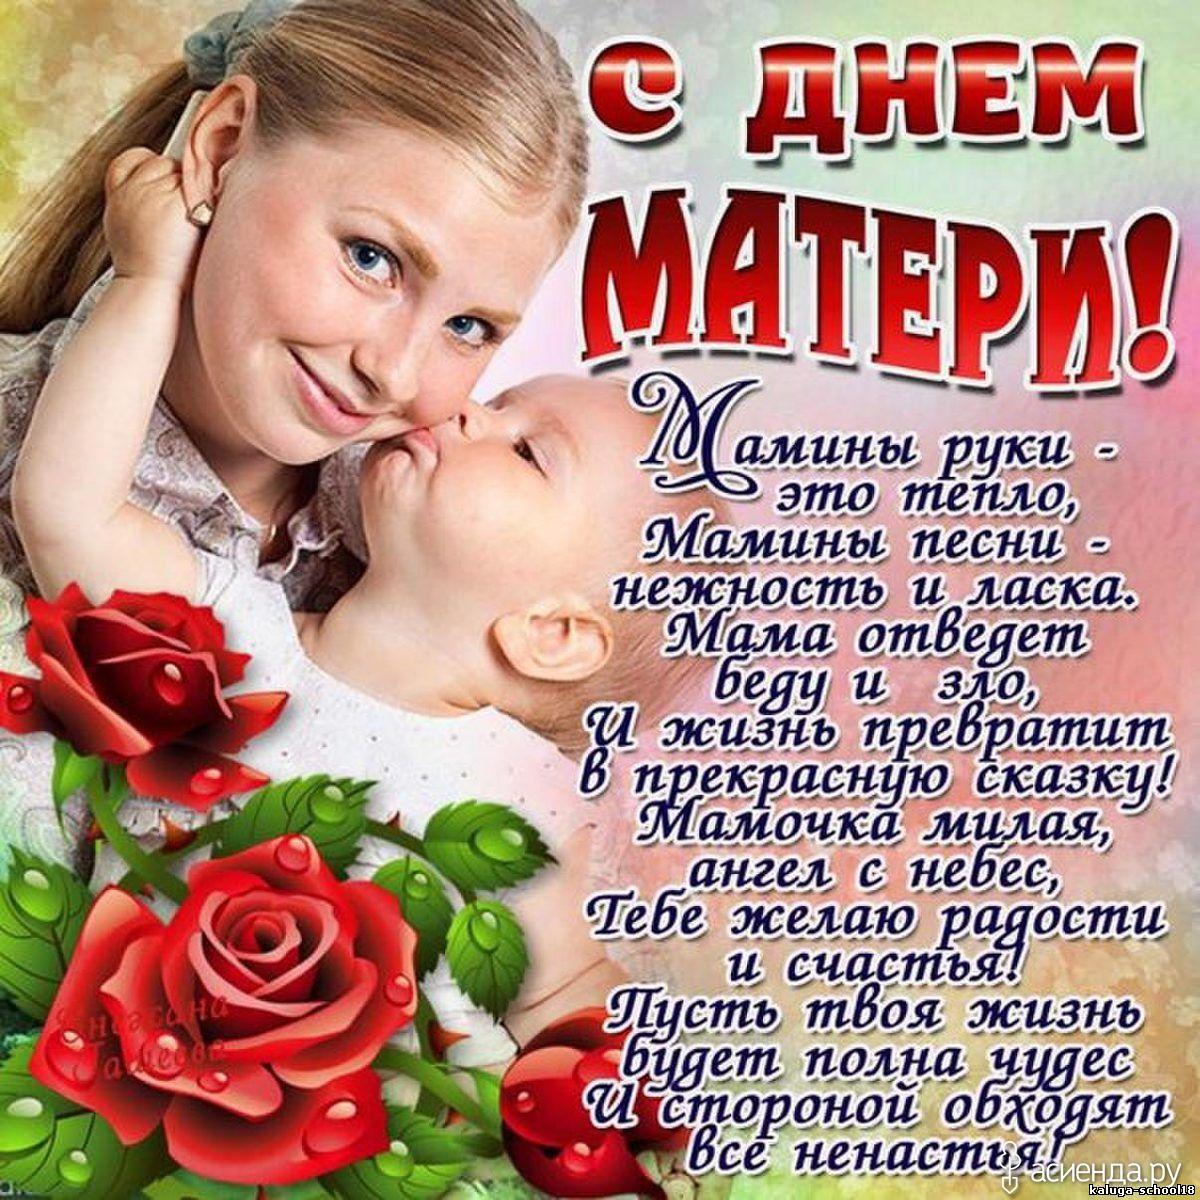 Поздравления мам к дню матери